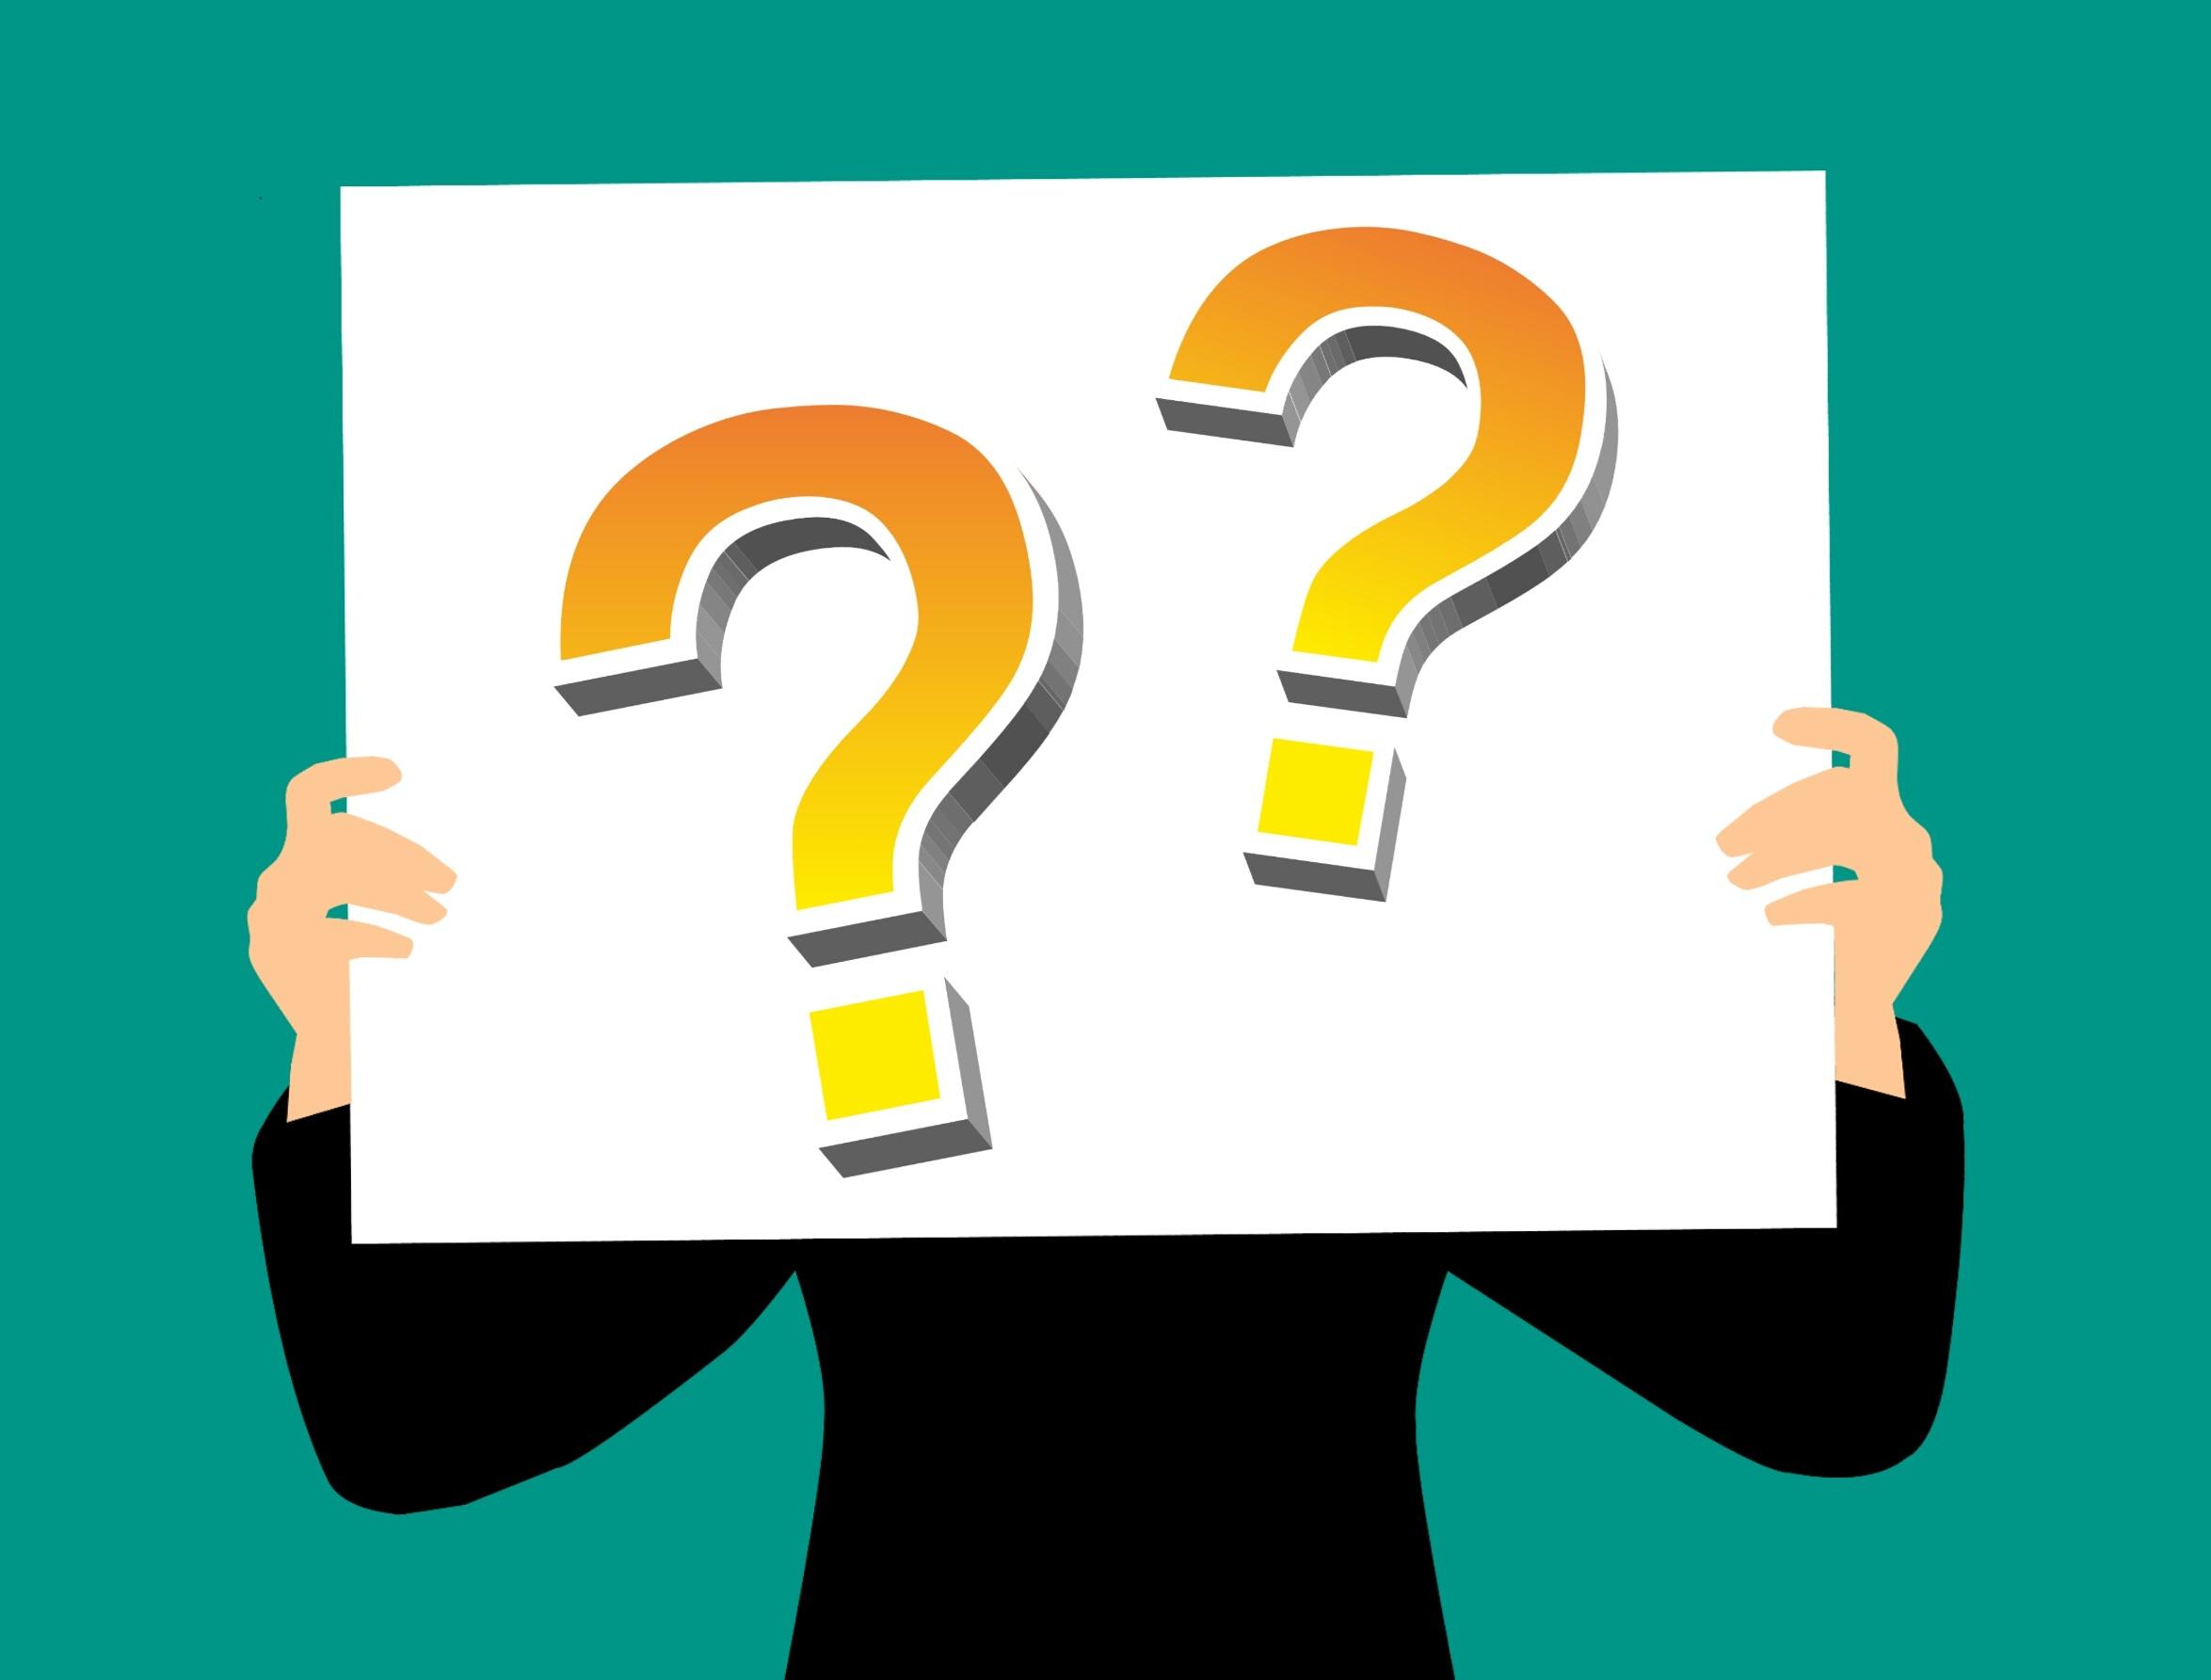 5 ghicitori pe care numai un GENIU le poate rezolva. Cate raspunsuri corecte ai avut?